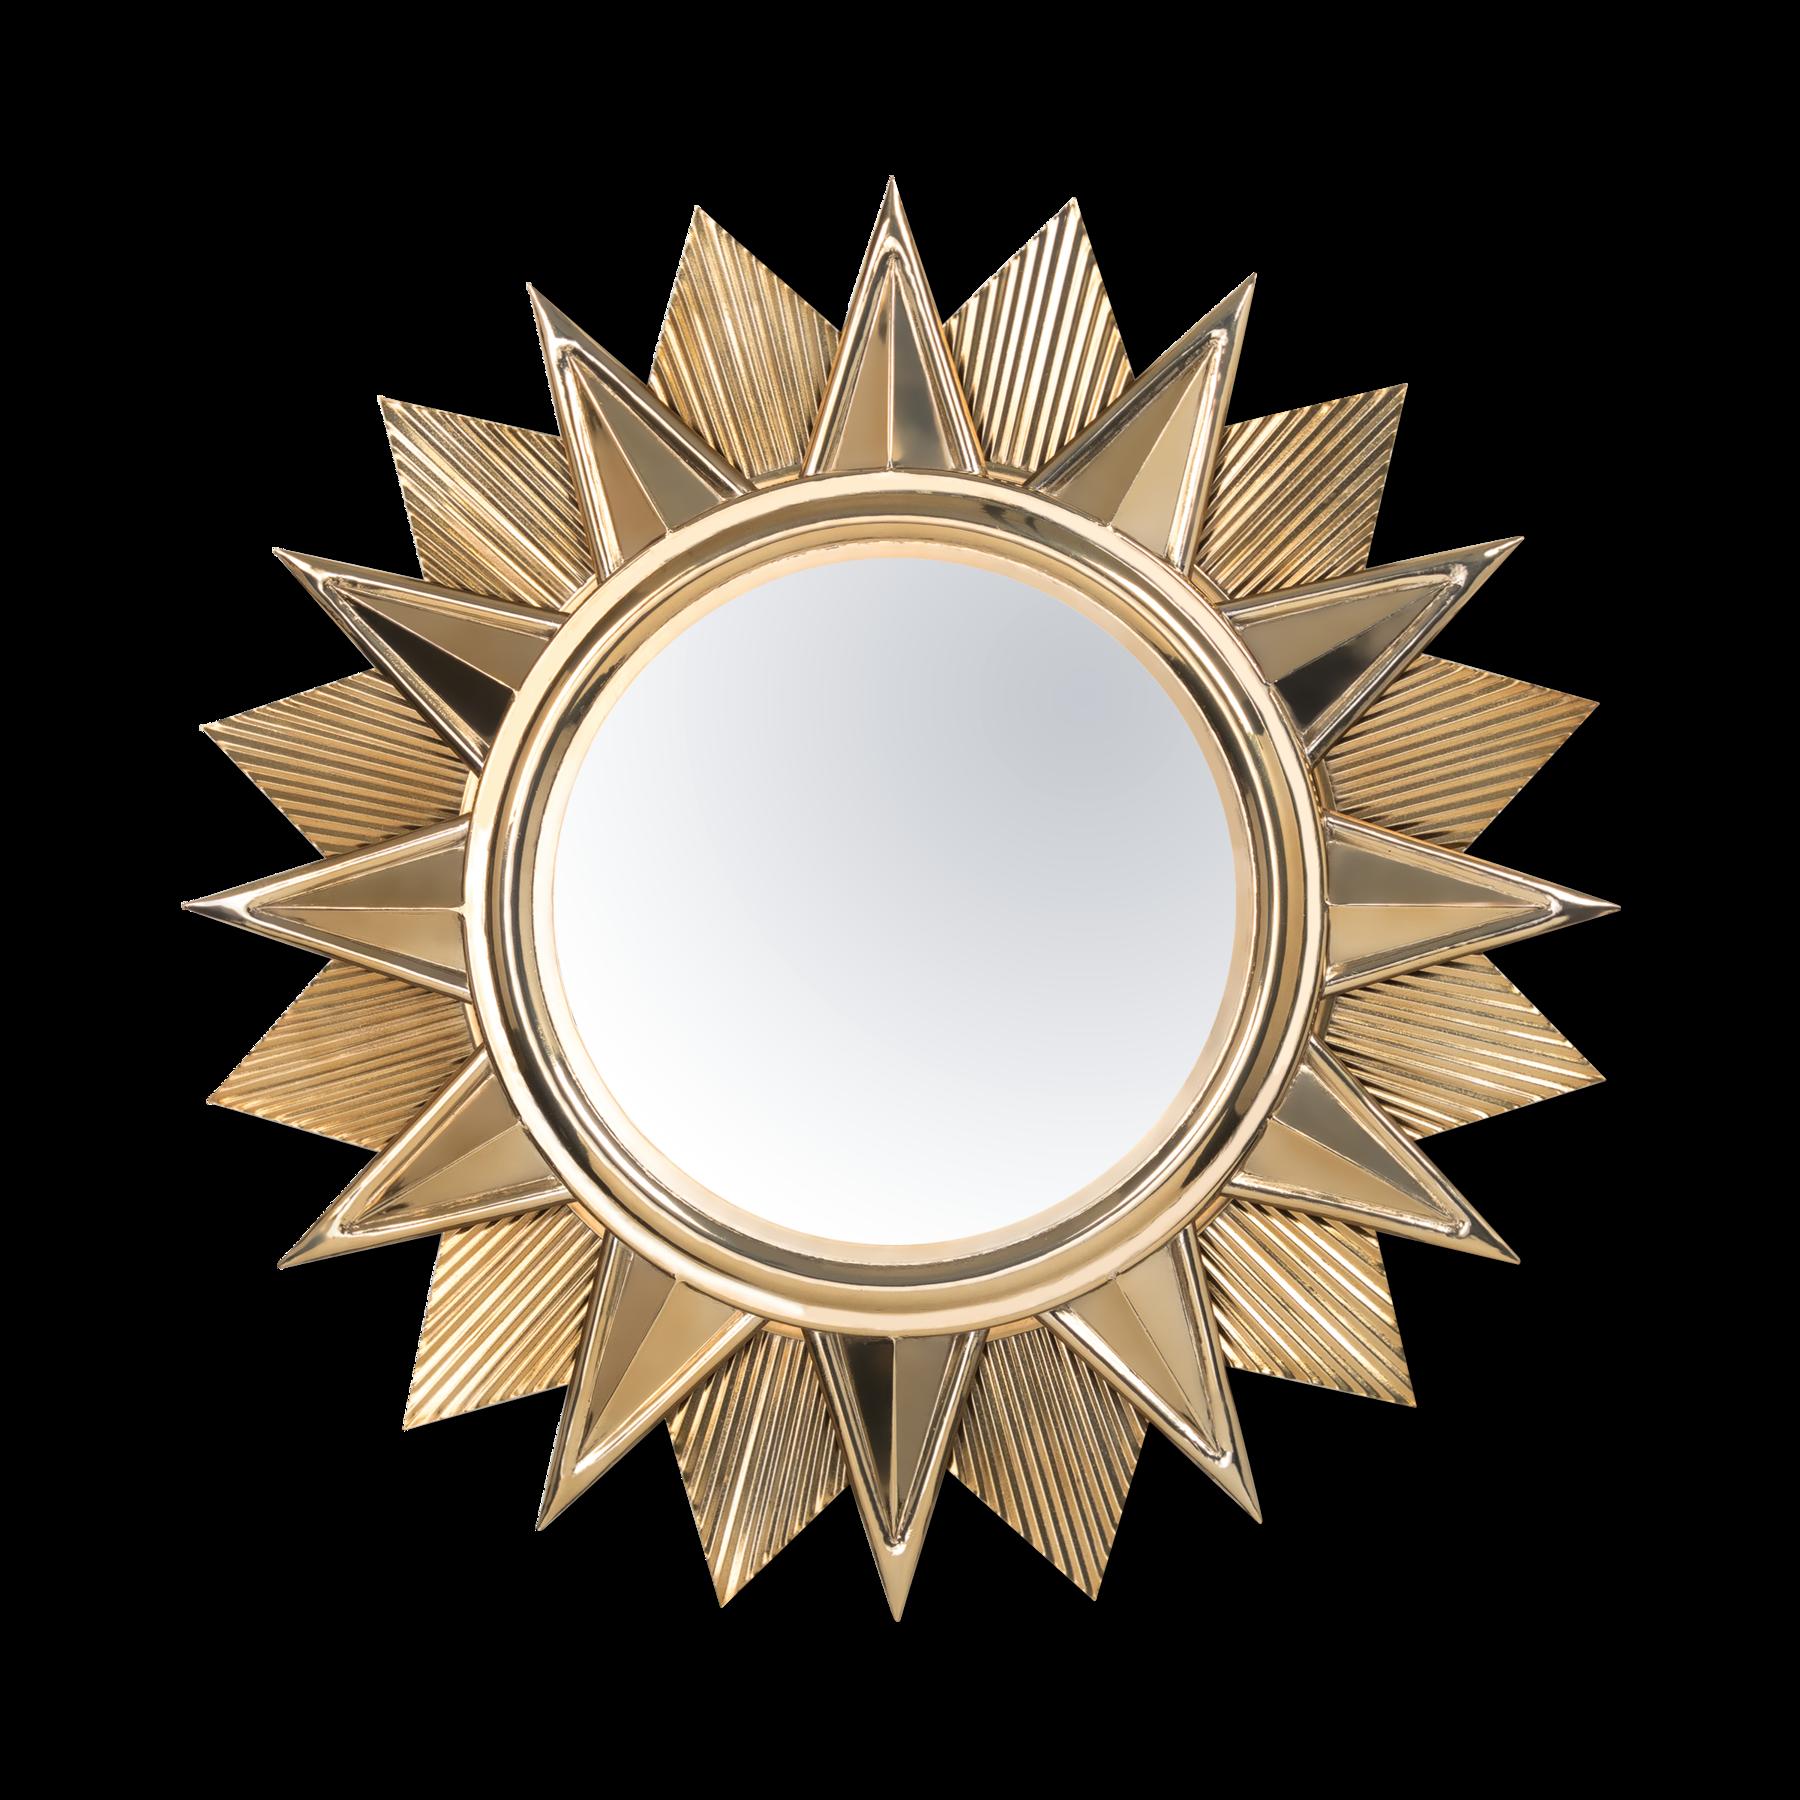 Shiny object product image